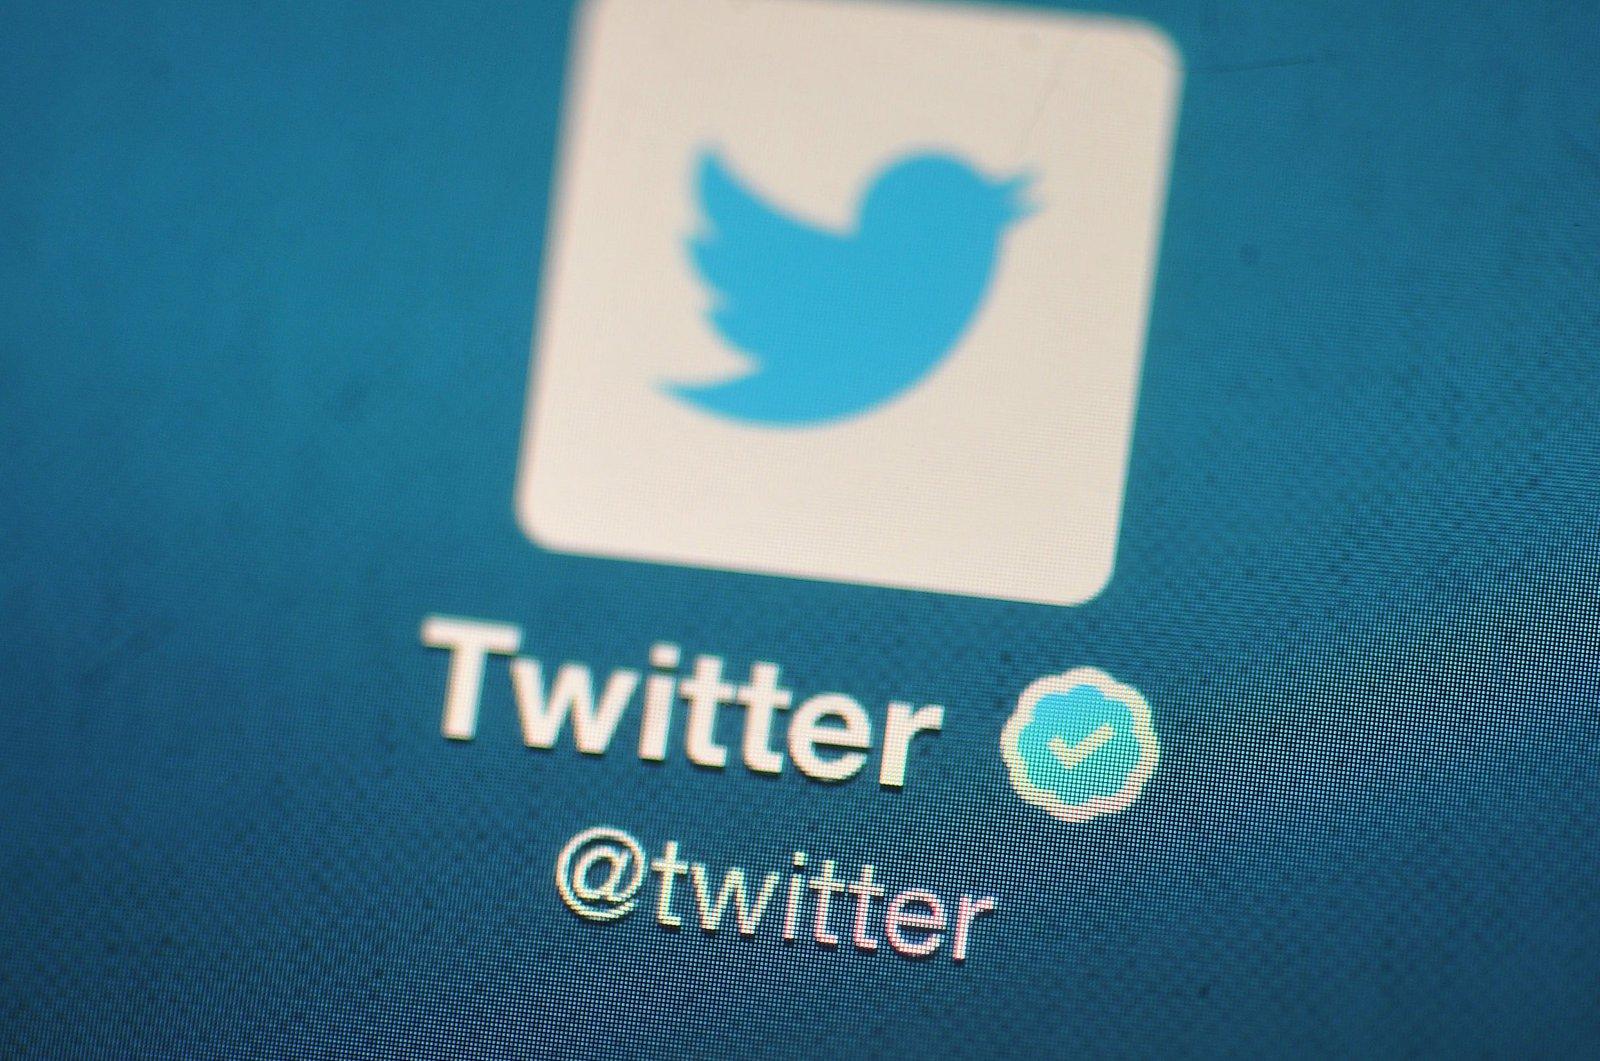 Twitter: foto, video e altri contenuti non saranno conteggiati nel limite dei 140 caratteri